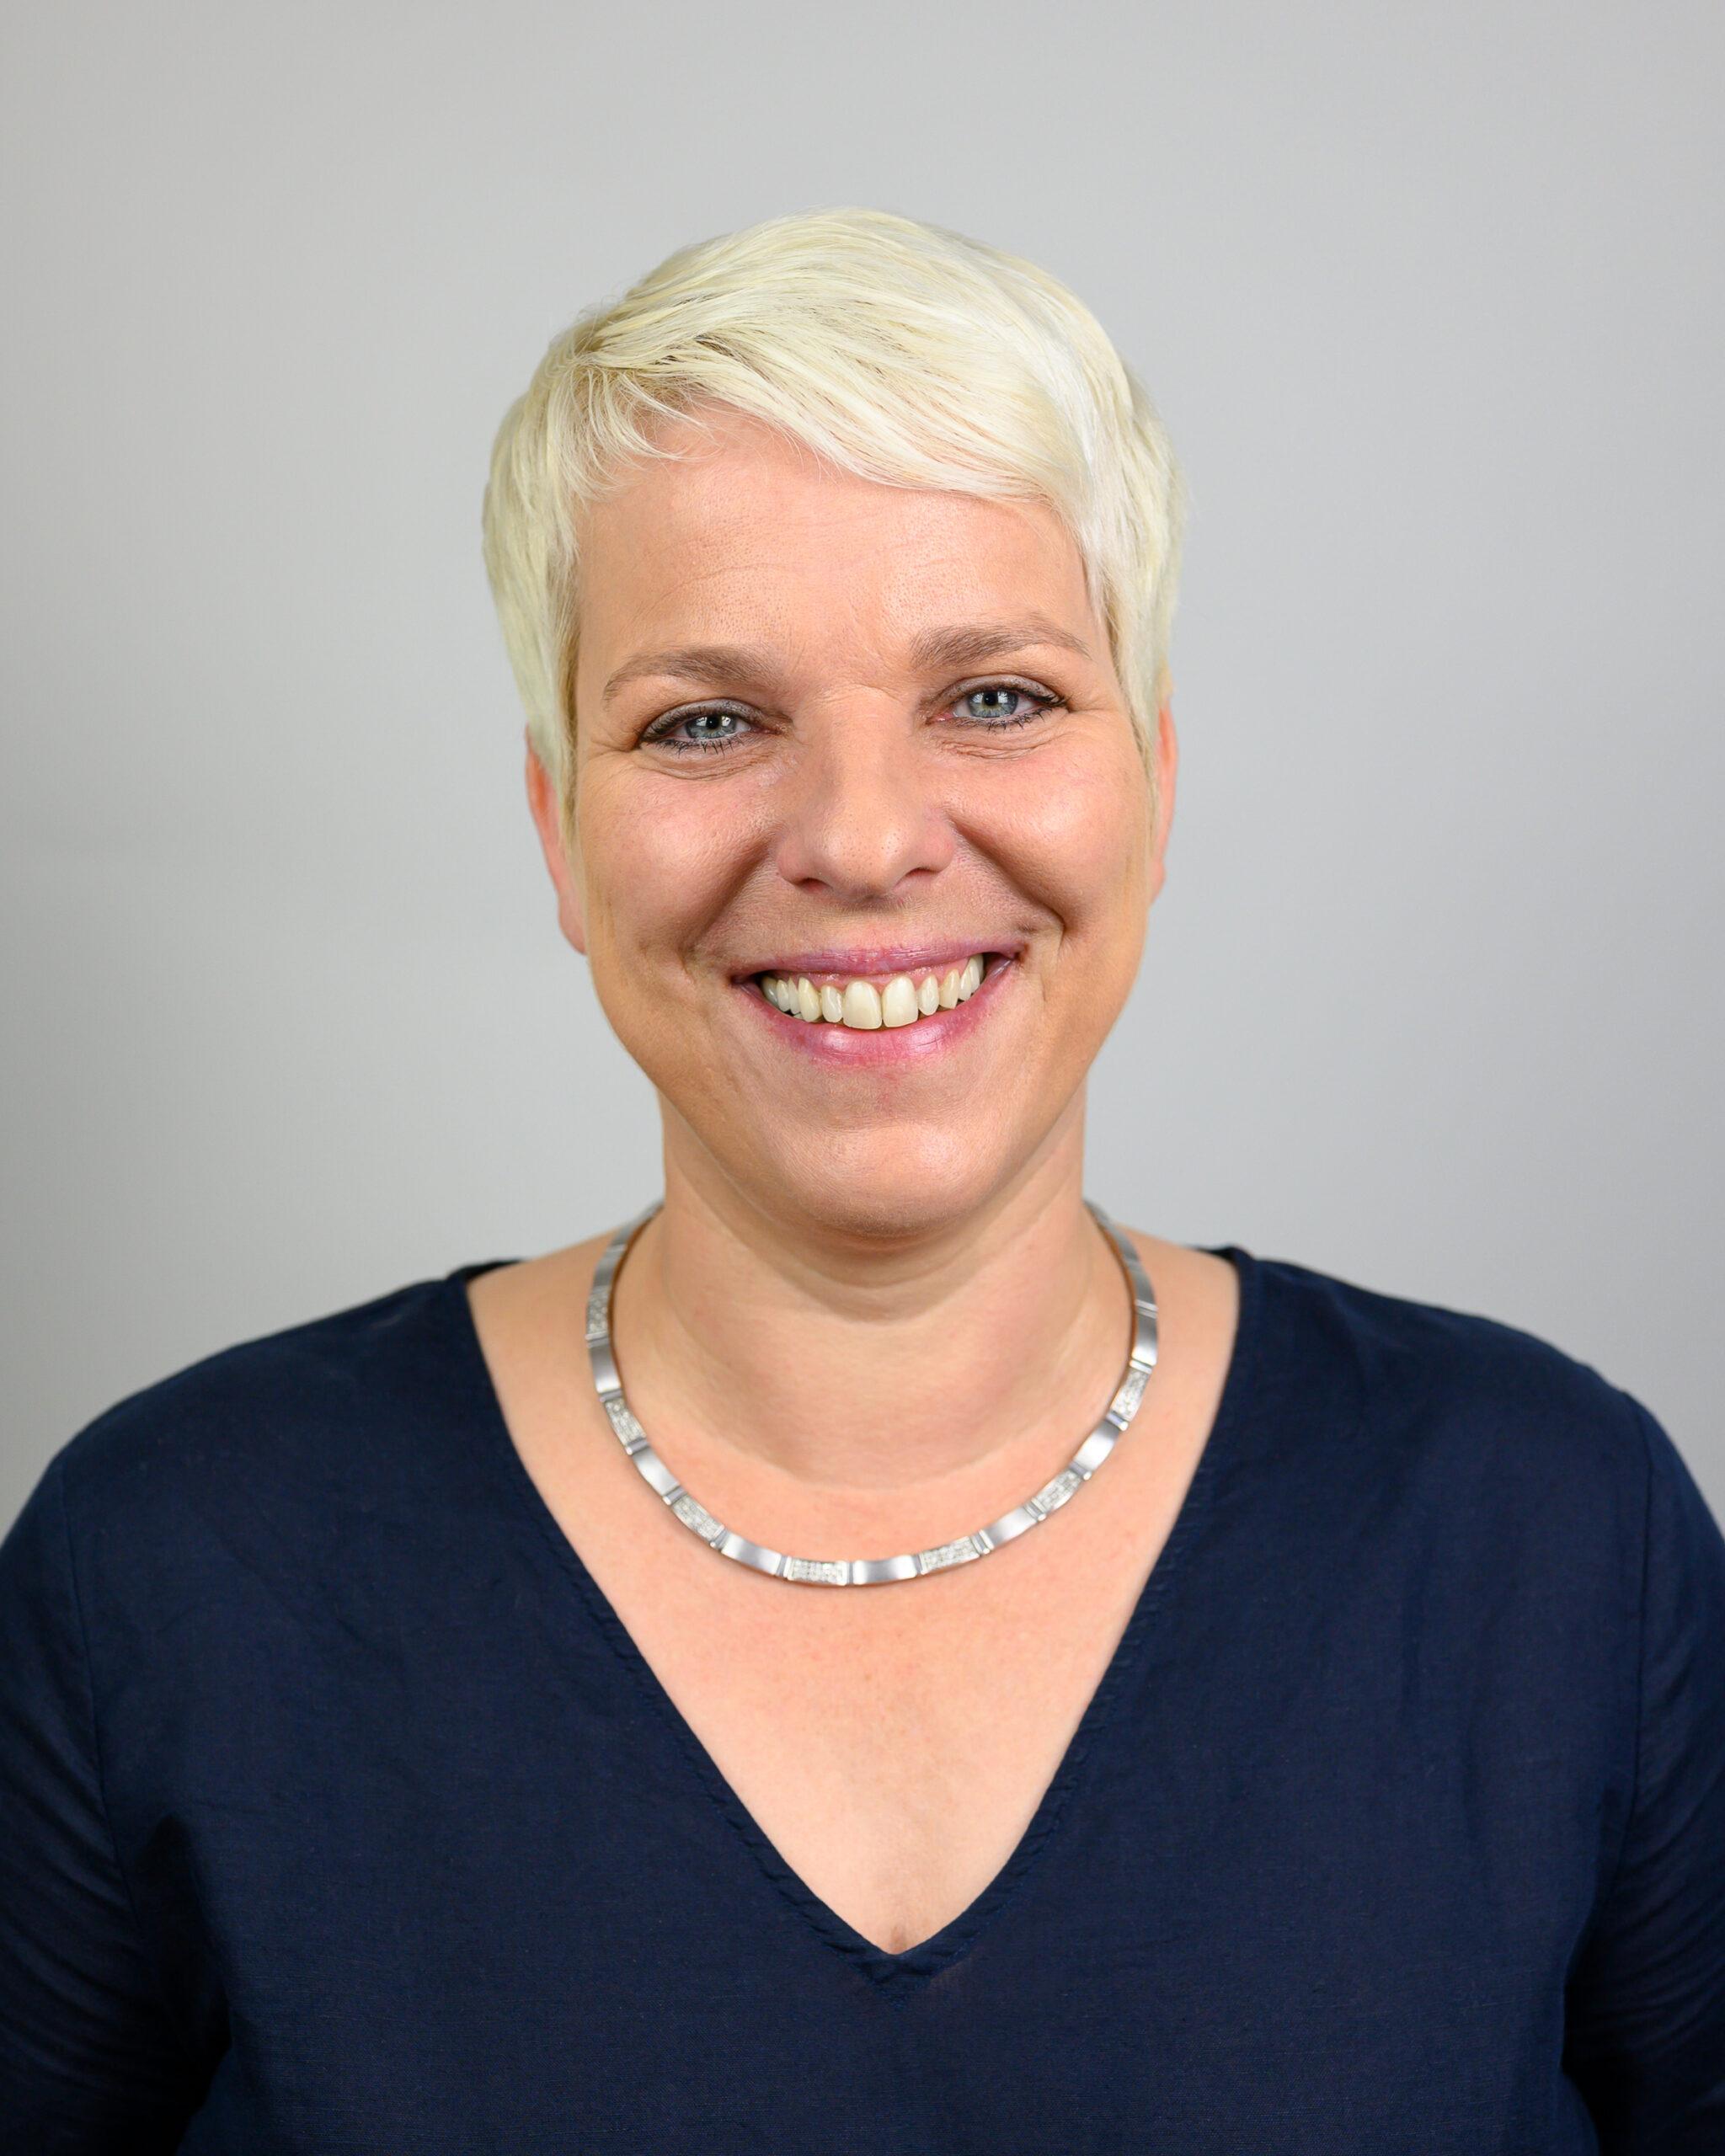 Katja Nikol